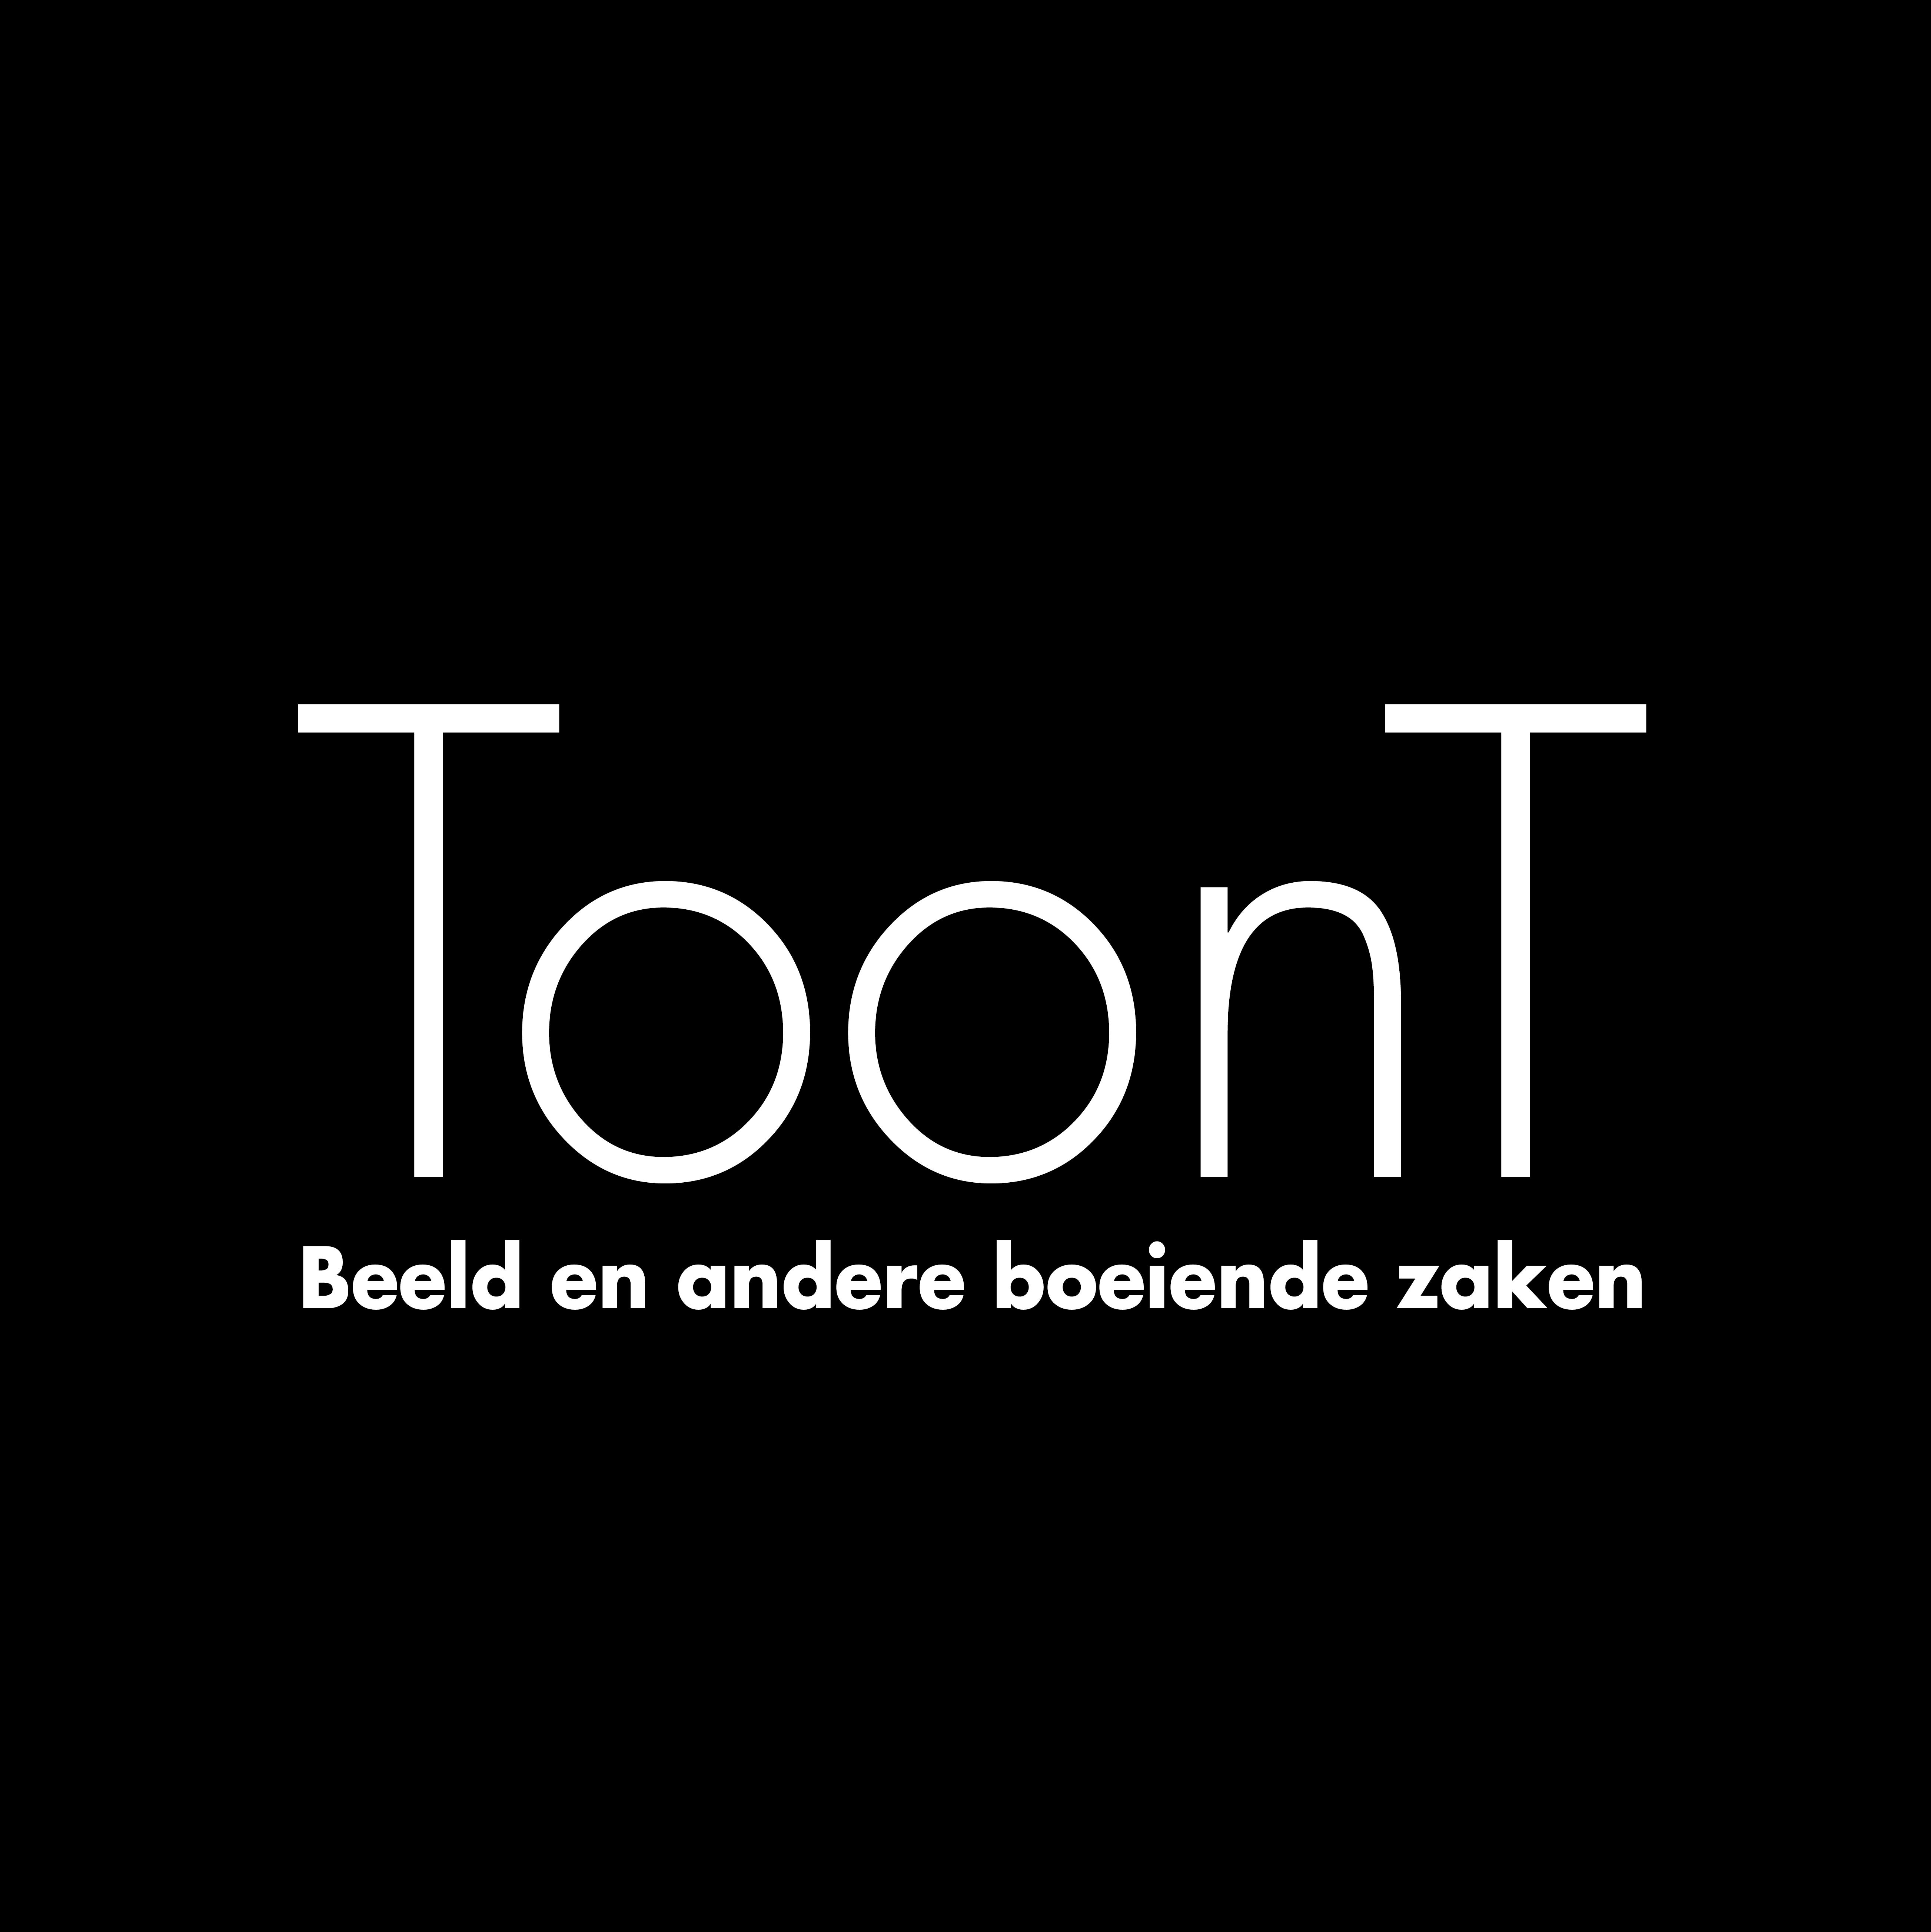 ToonT